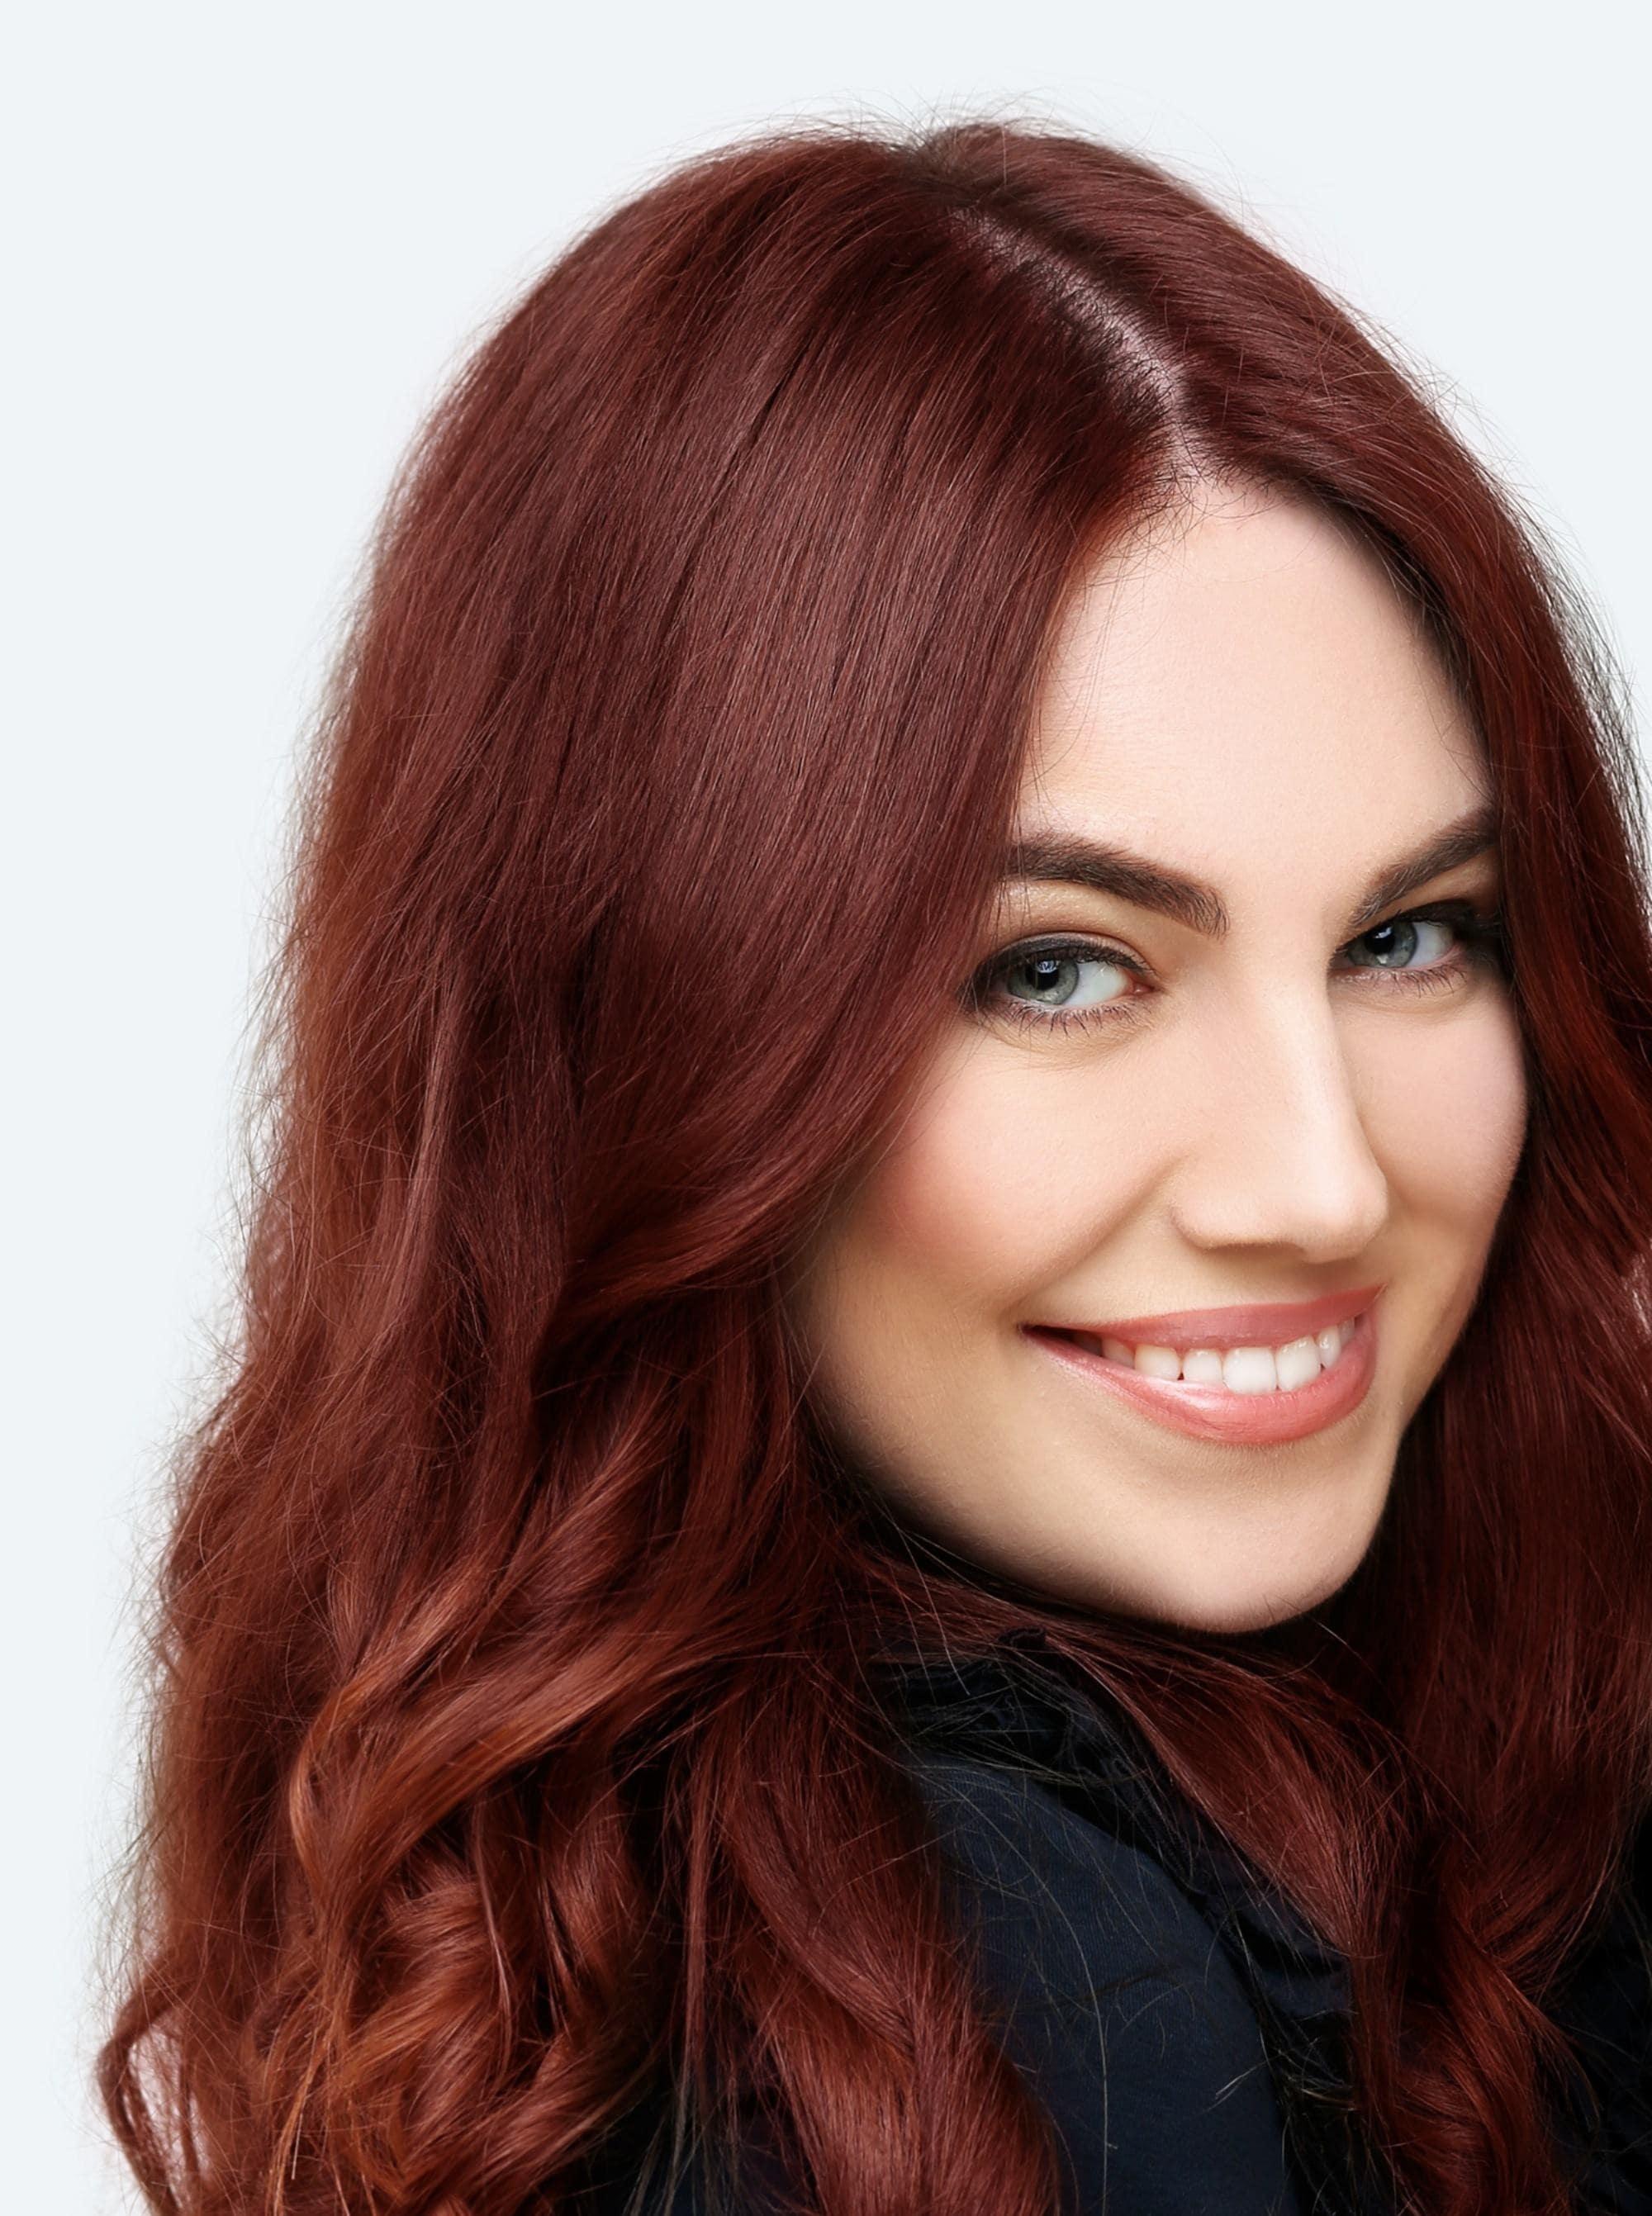 Mahogany Hair Color: Closeup shot of a woman with long mahogany hair